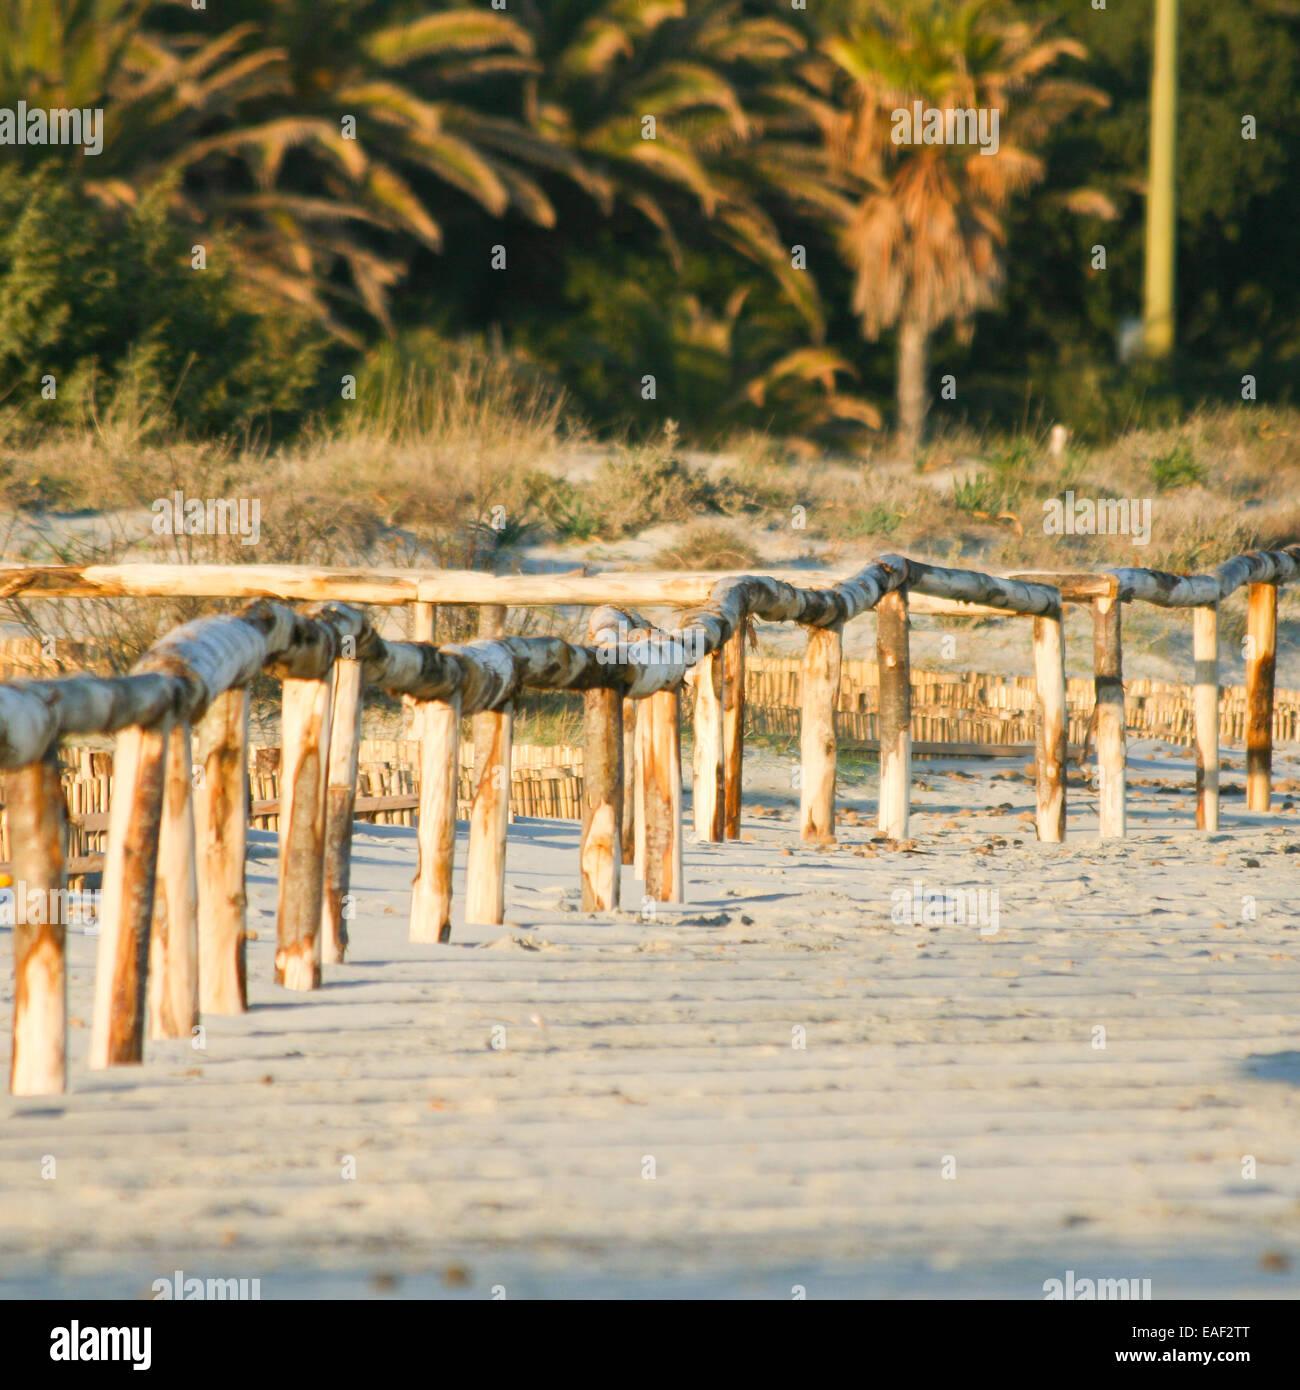 Sunrise artistique Clôture sur la plage Photo Stock